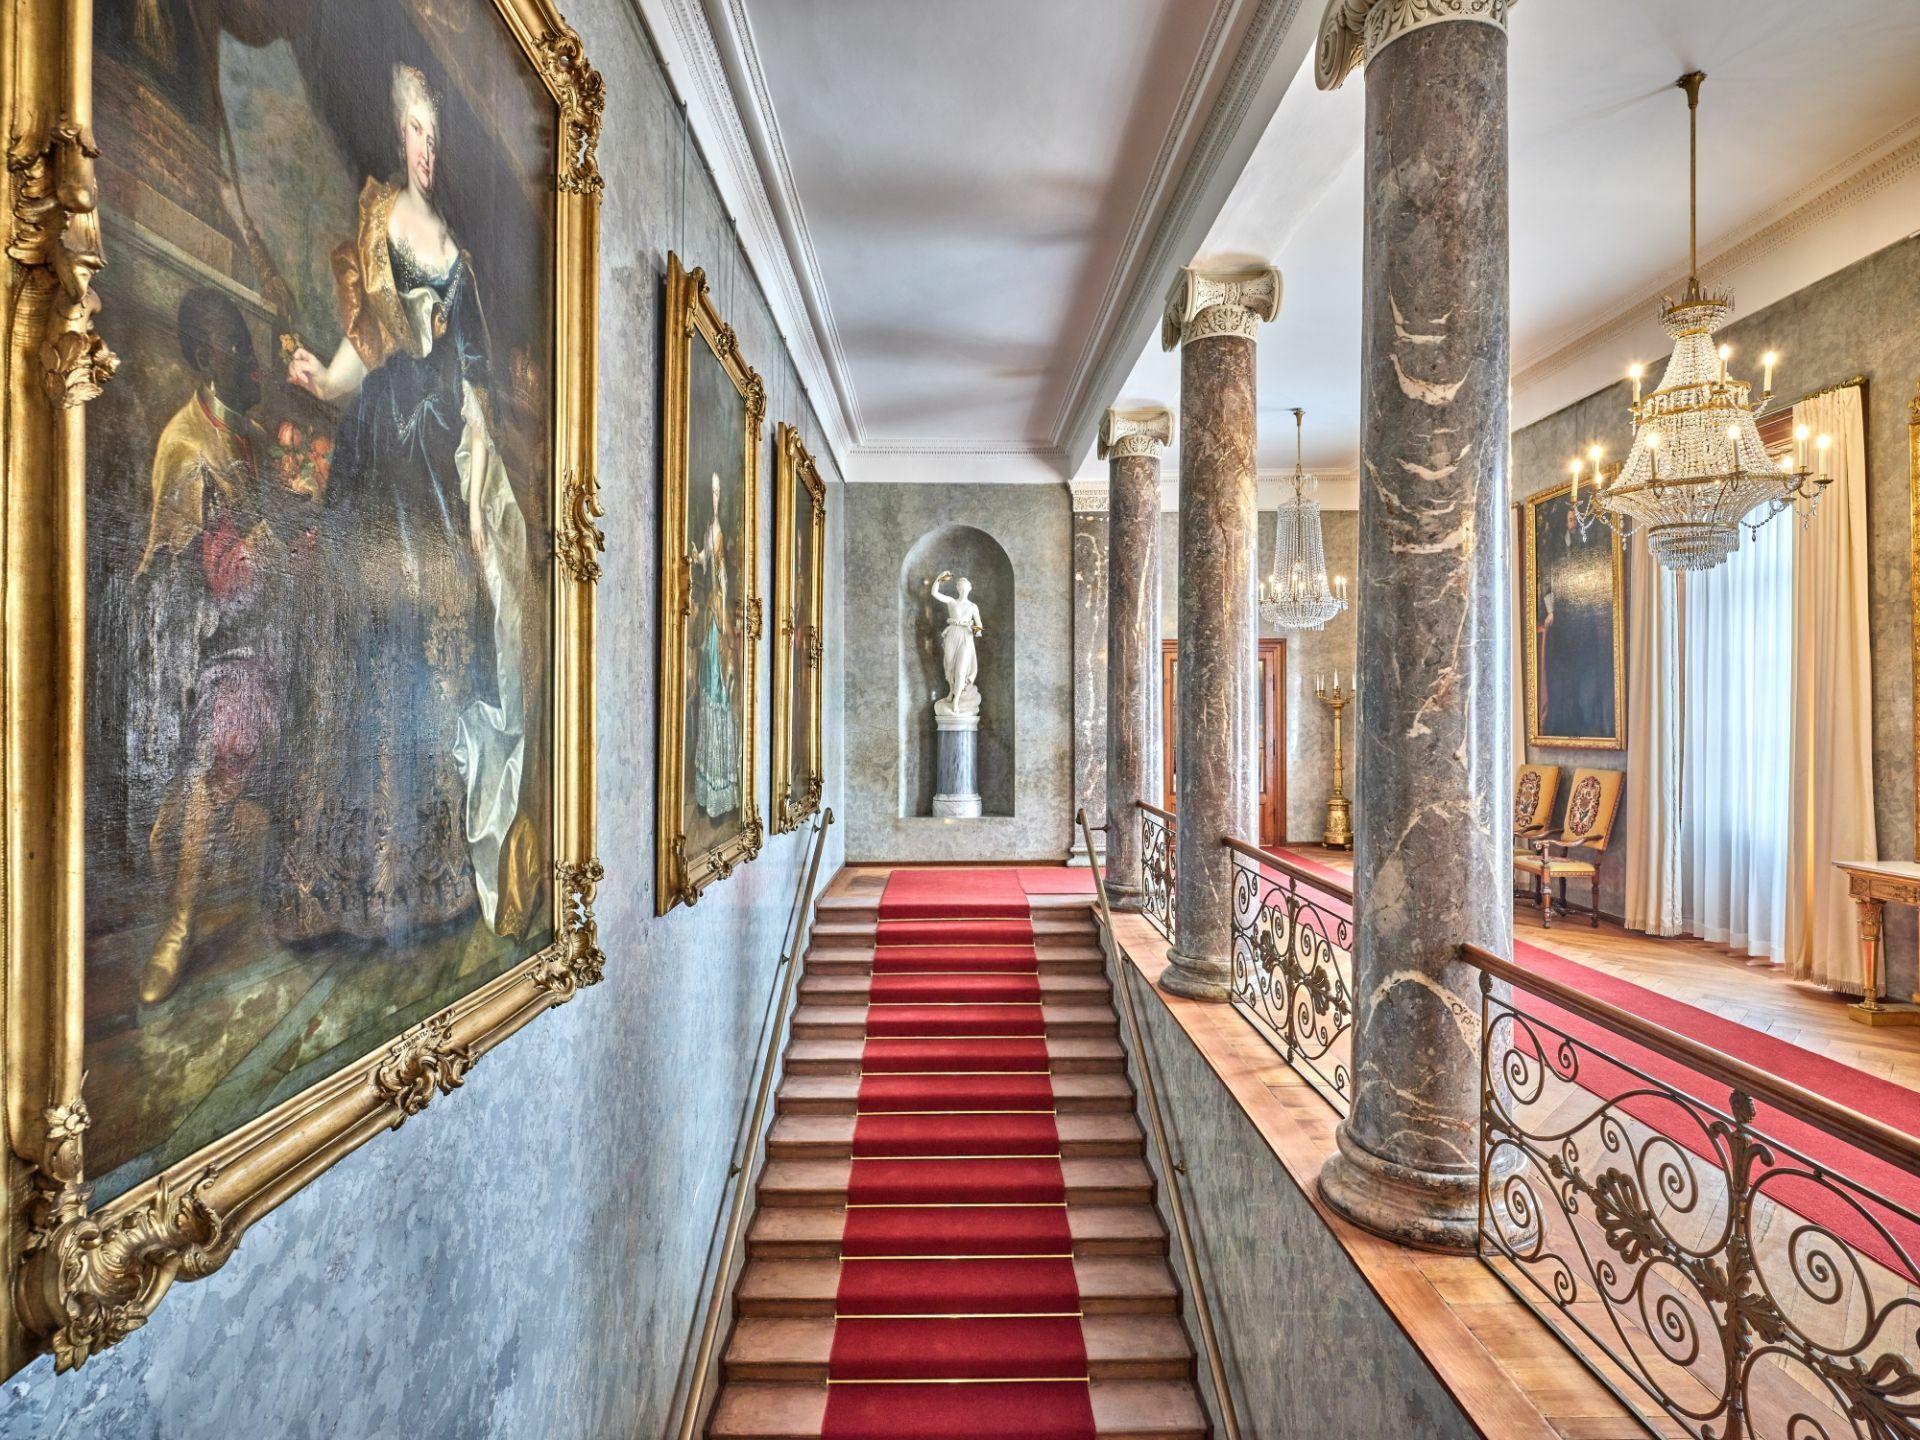 Haupttreppe zu den Kaiserlichen Appartements im Schloss Bad Homburg